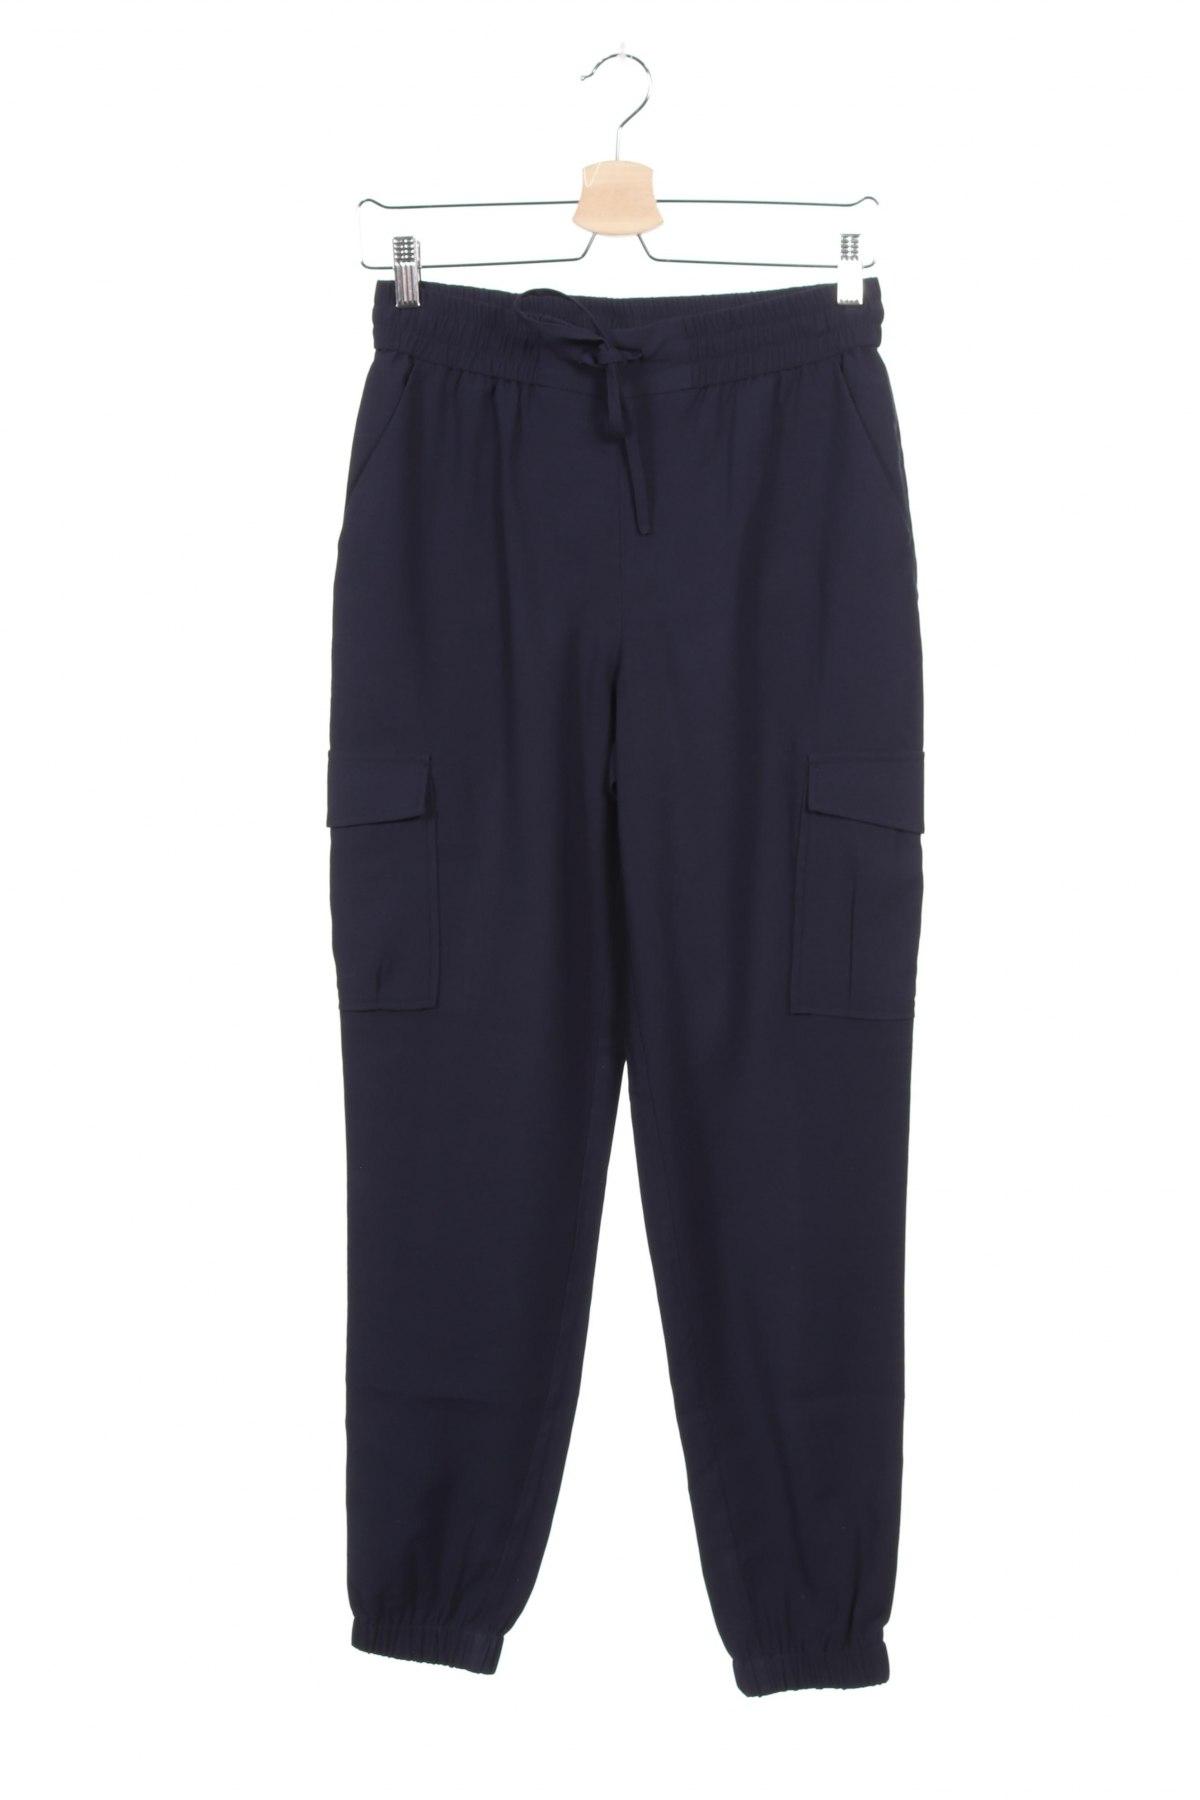 Дамски панталон Vila, Размер XS, Цвят Син, 90% вискоза, 10% полиестер, Цена 16,84лв.